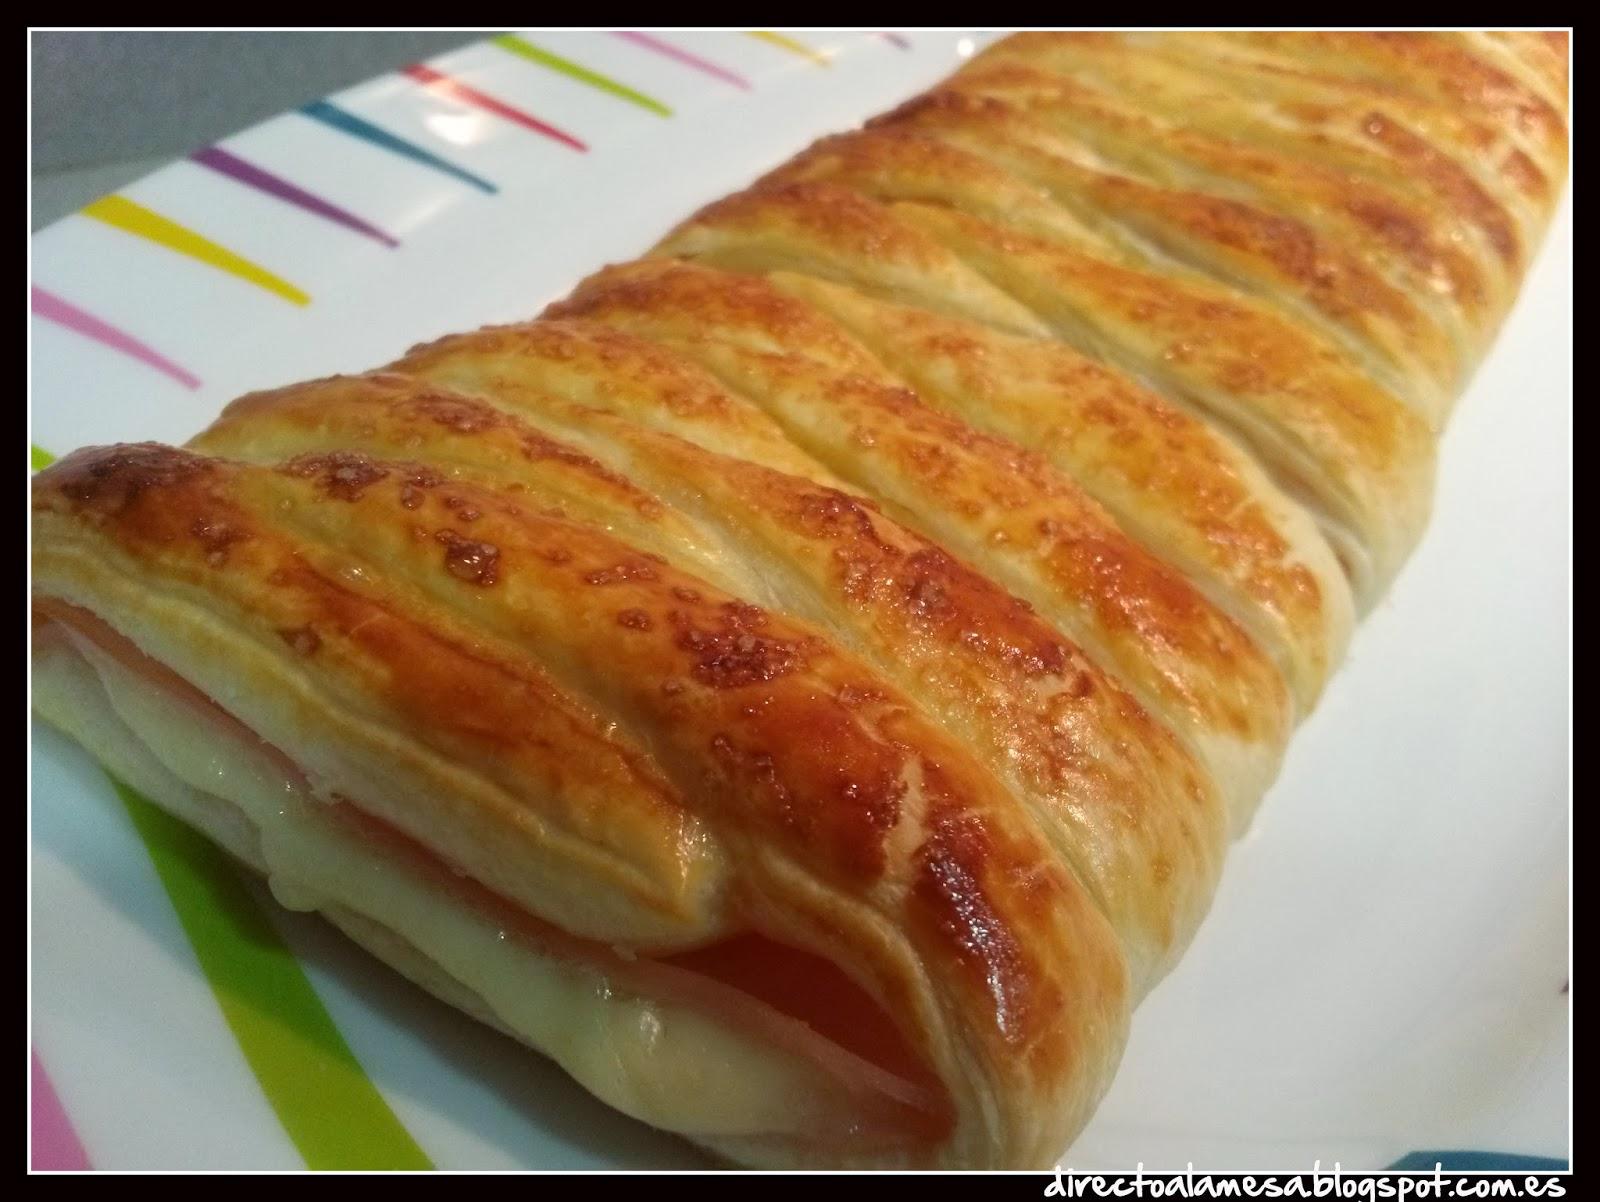 http://directoalamesa.blogspot.com.es/2014/09/trenza-de-jamon-york-y-queso.html